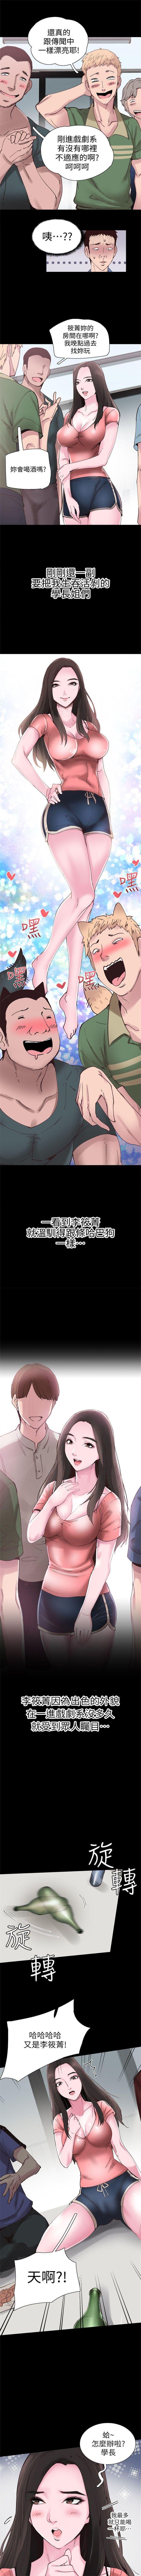 (週7)校園live秀 1-50 中文翻譯(更新中) 17